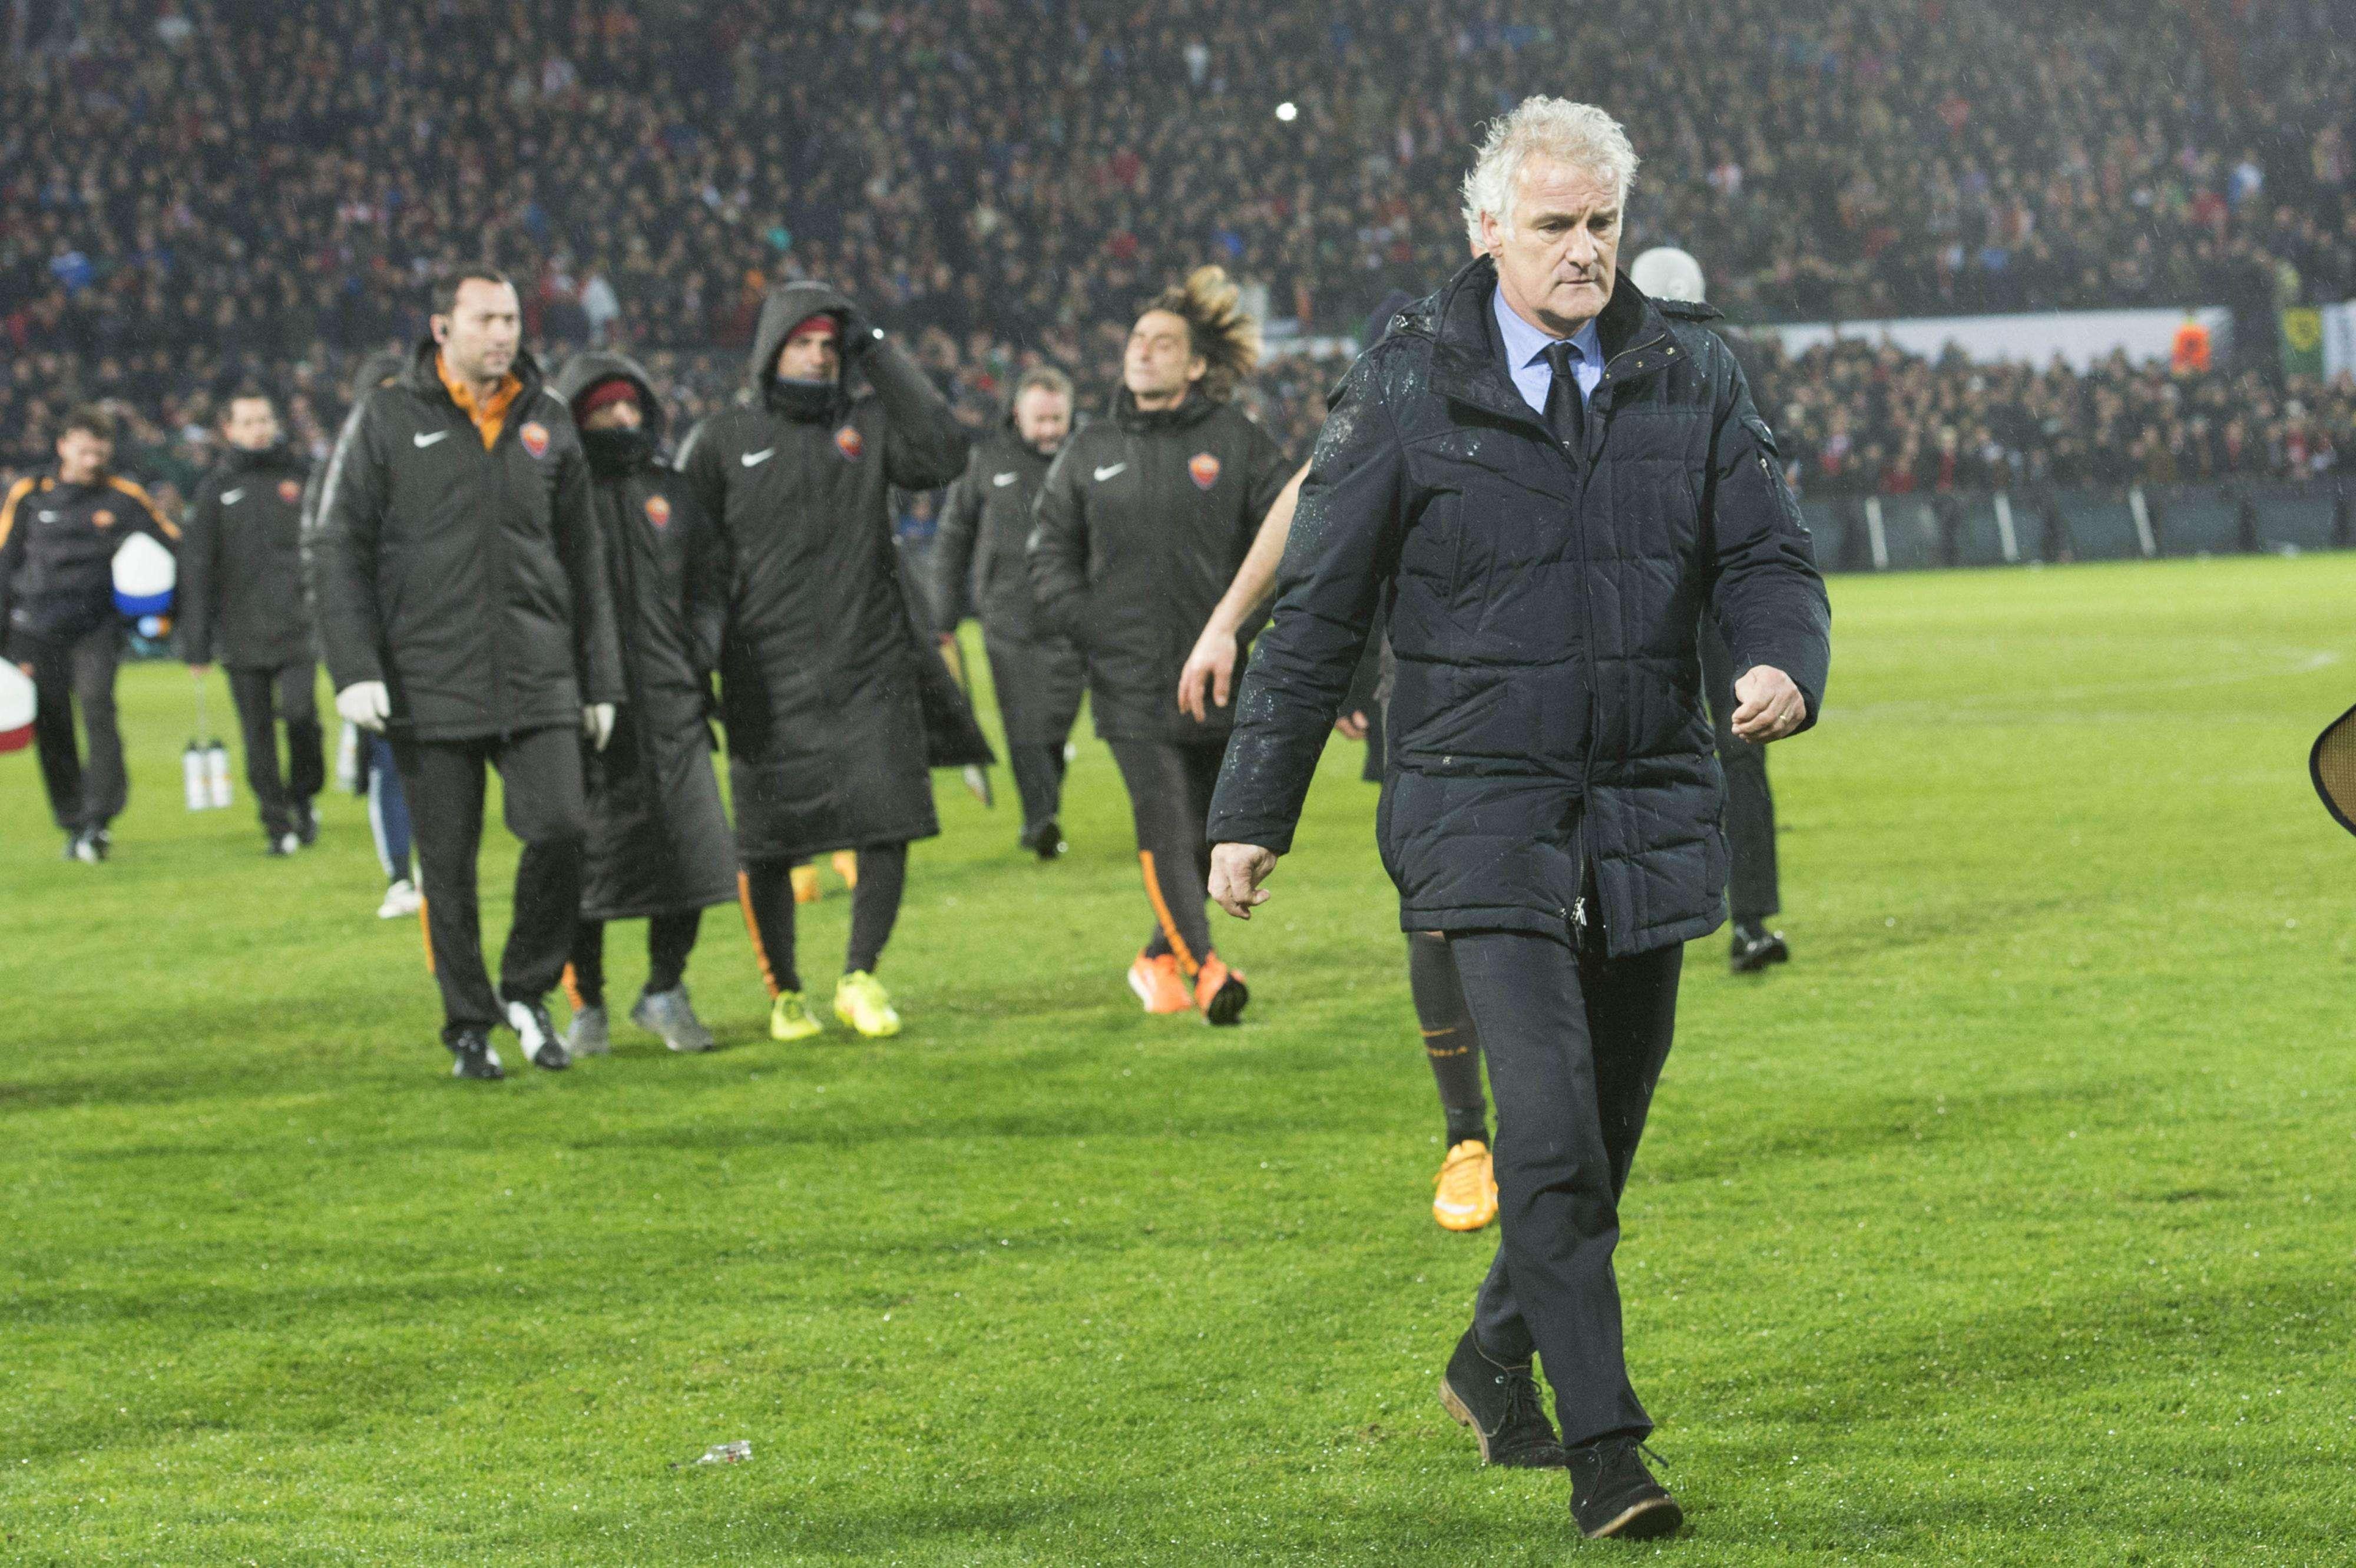 El partido entre Feyenoord y Roma fue considerado de alto riesgo. Foto: AP